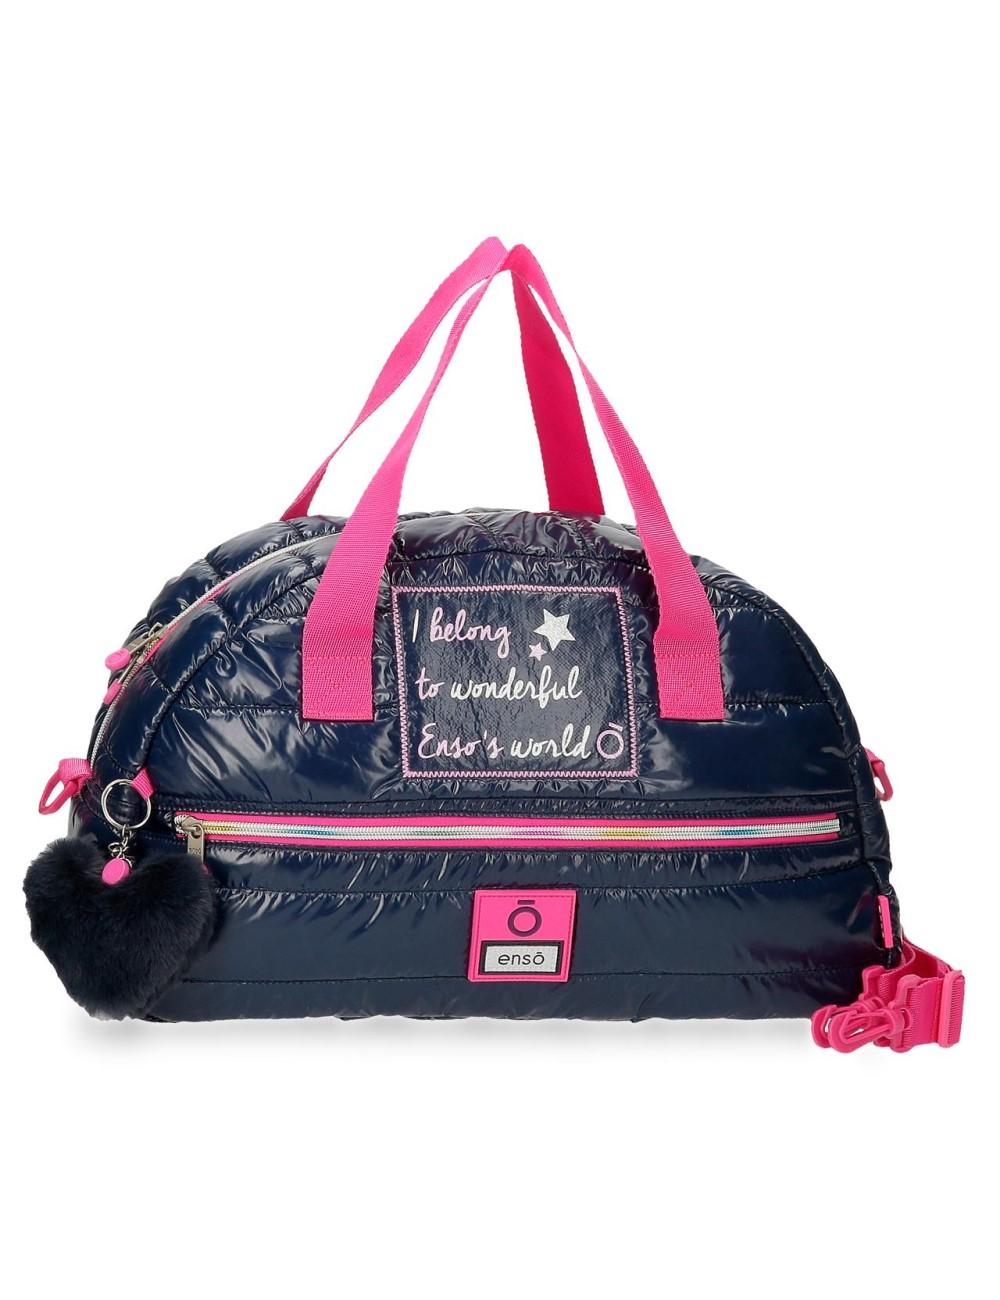 Bolsa de Viaje 40cm Enso Make A Wish 9193021